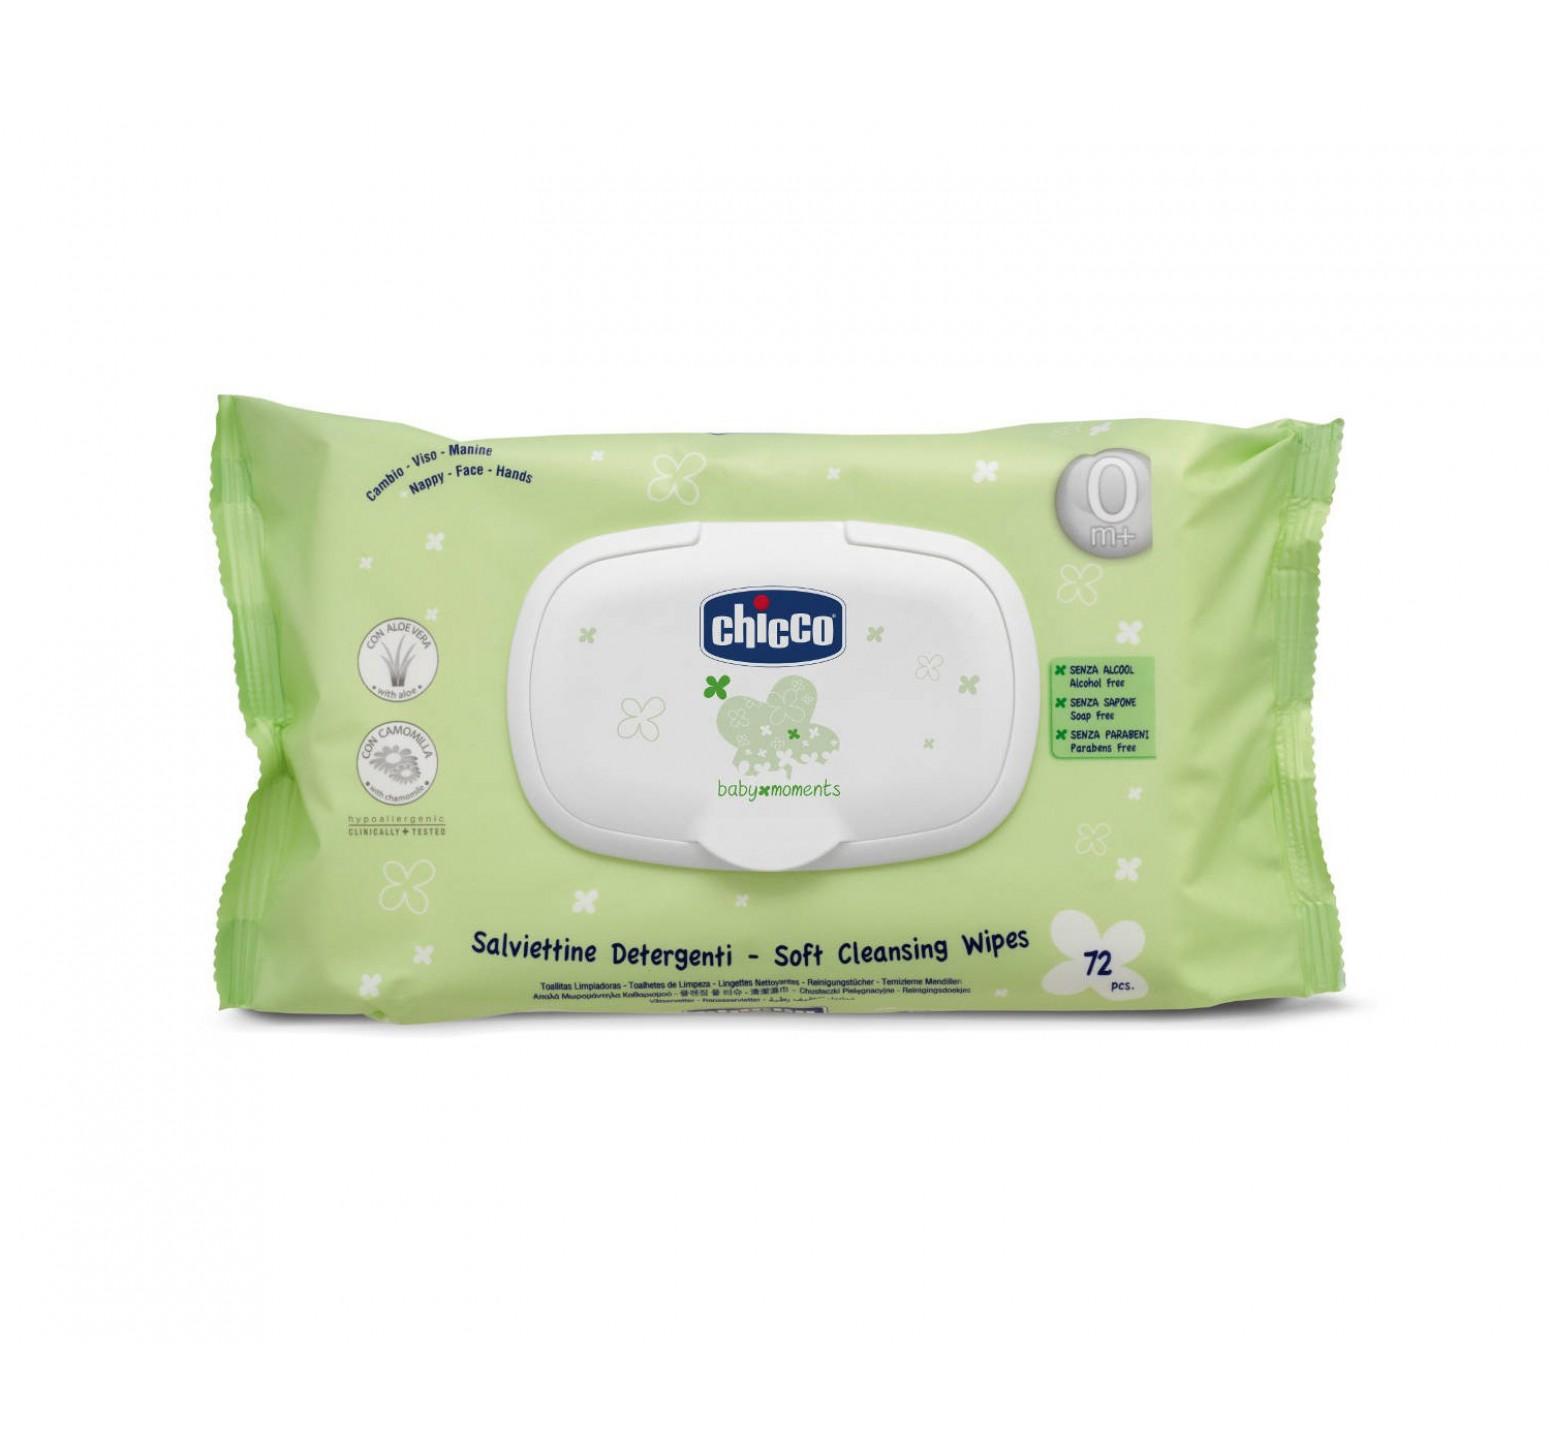 Chicco Toallitas limpiadoras Baby Moments (72 unidades)